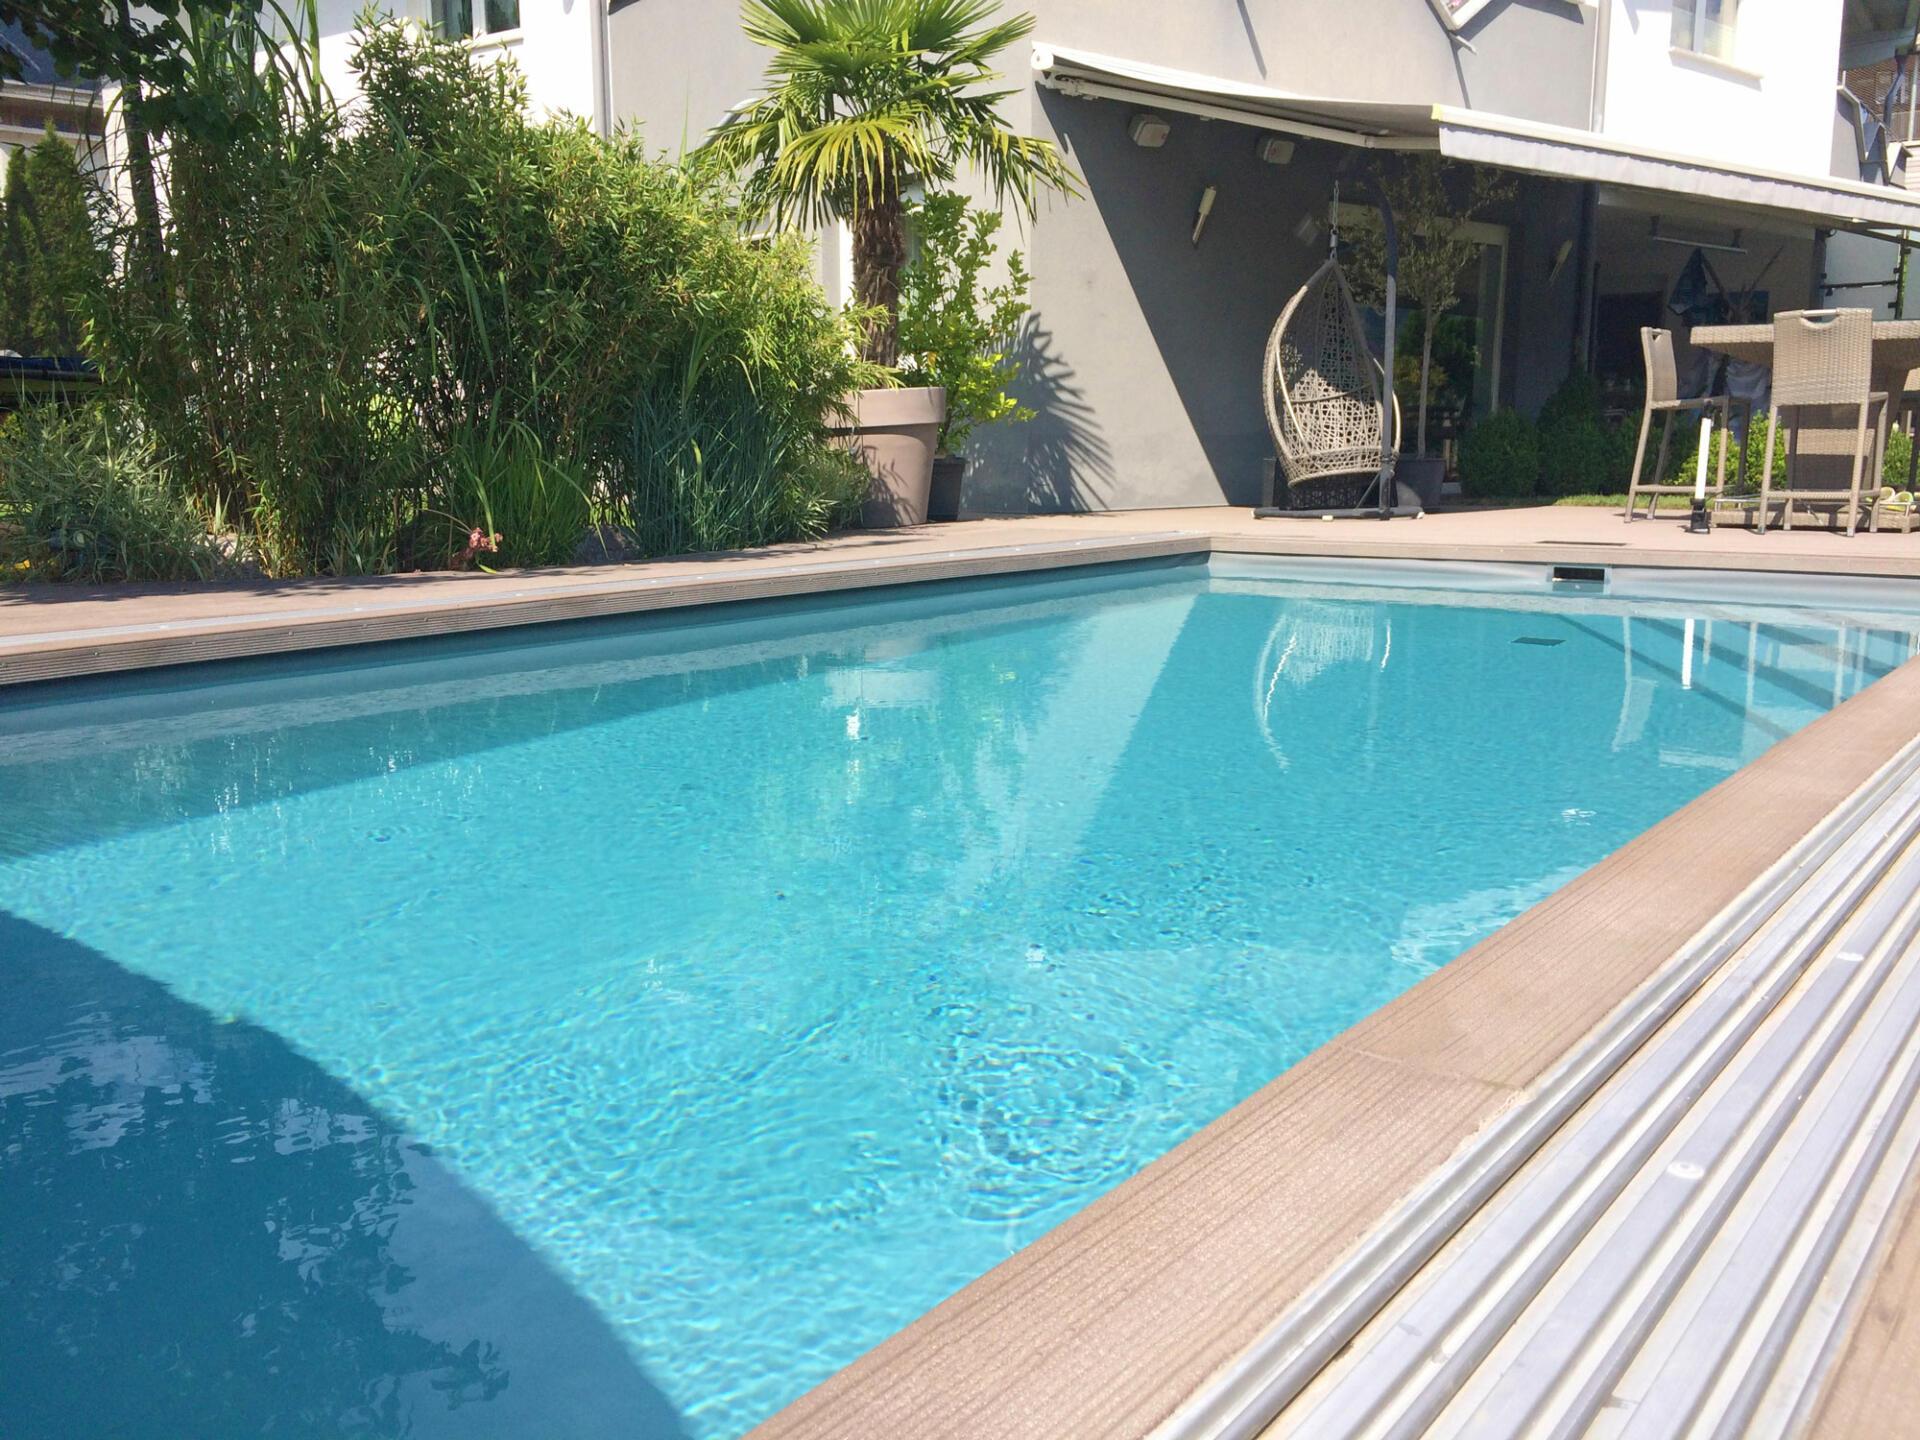 Folienpools - SST Saurwein Schwimmbad Technik